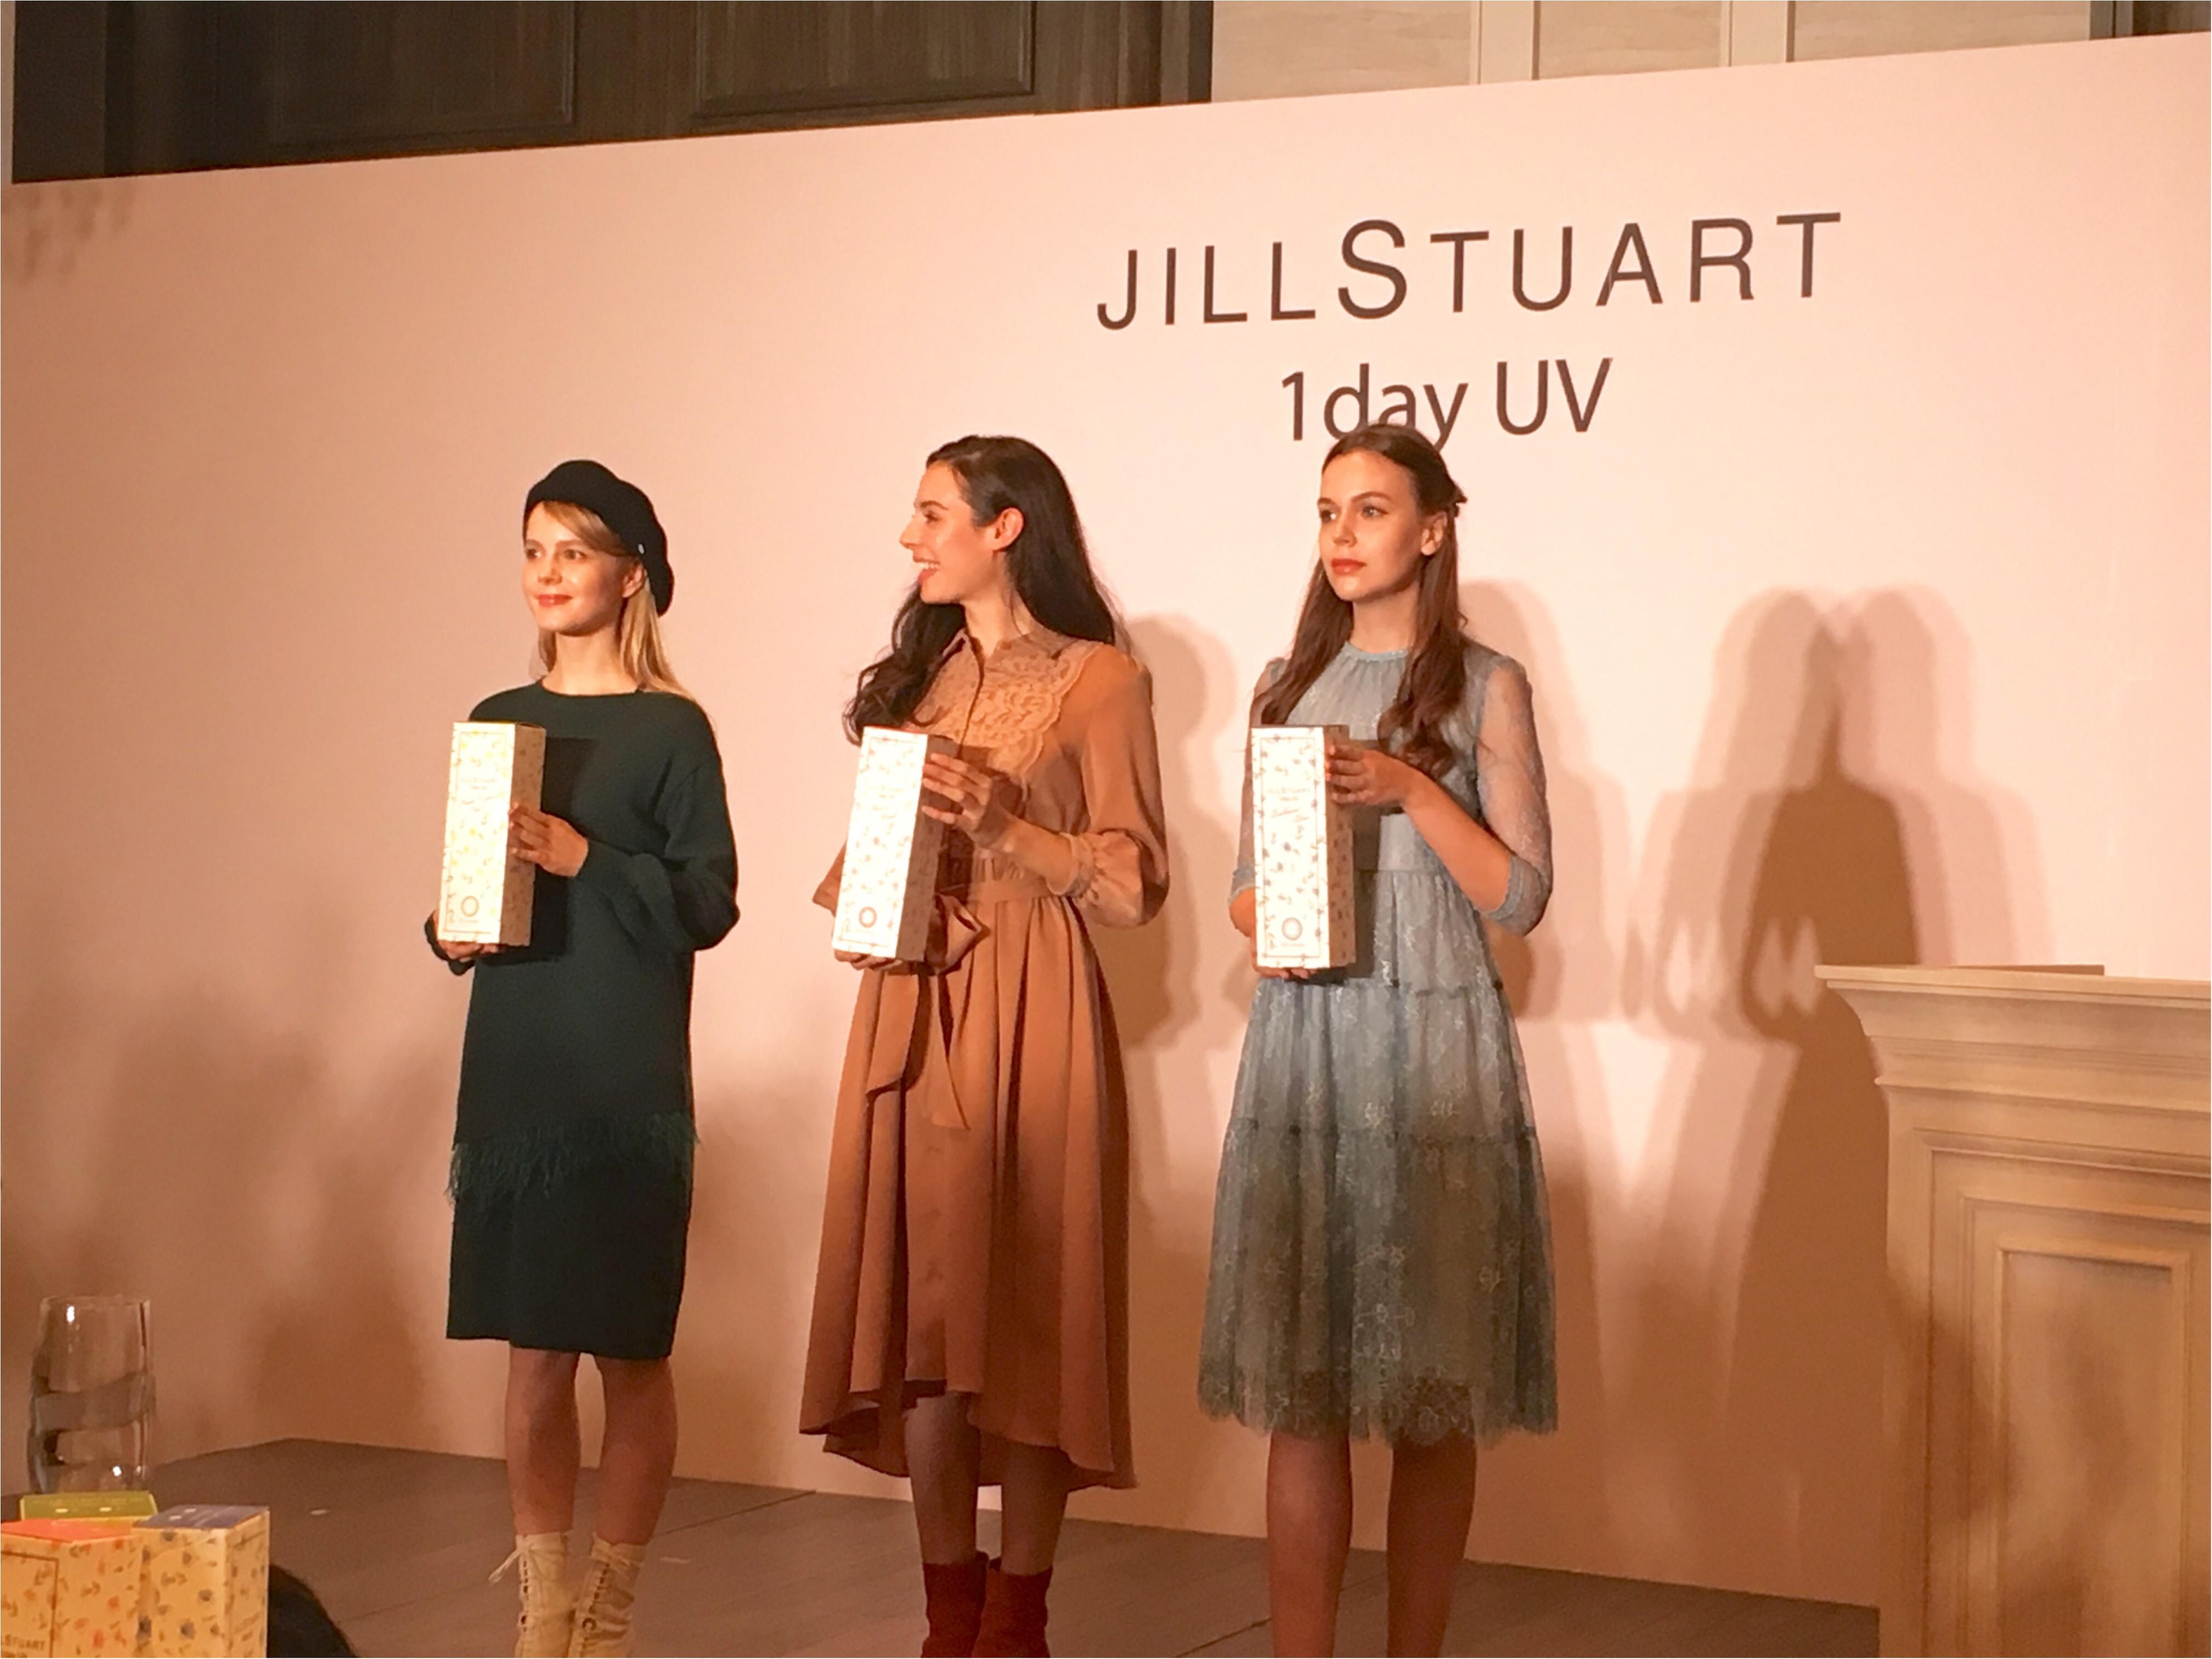 【JILLSTUART(ジルスチュアート)】1dayカラコンが発売!瞳に、ファッションを。_5